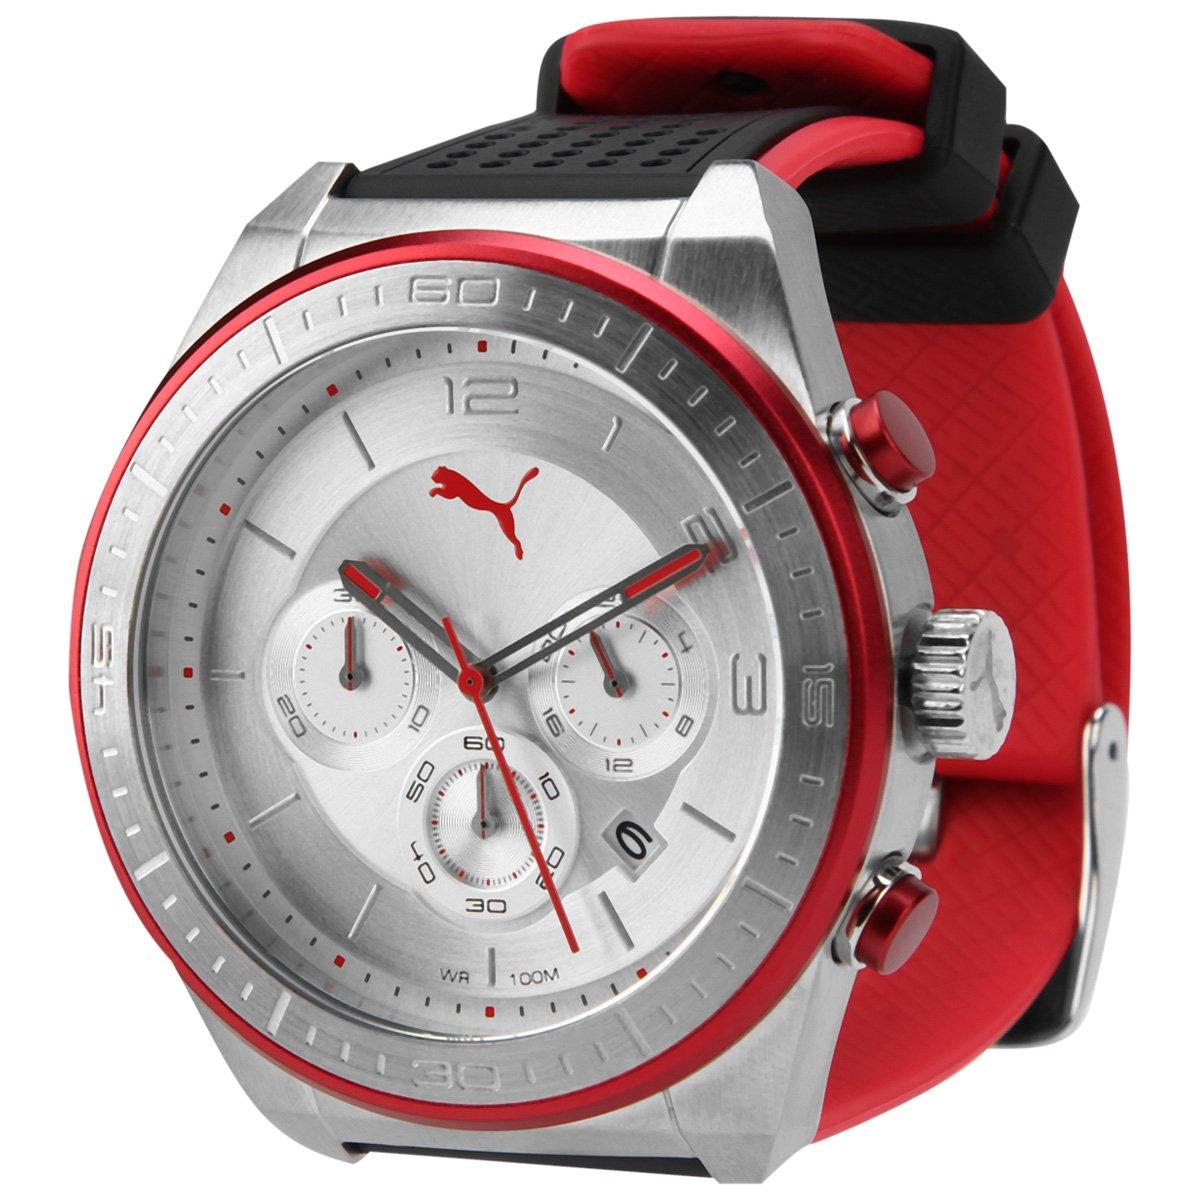 7d7584dc69f Relógio Puma Edge - Compre Agora